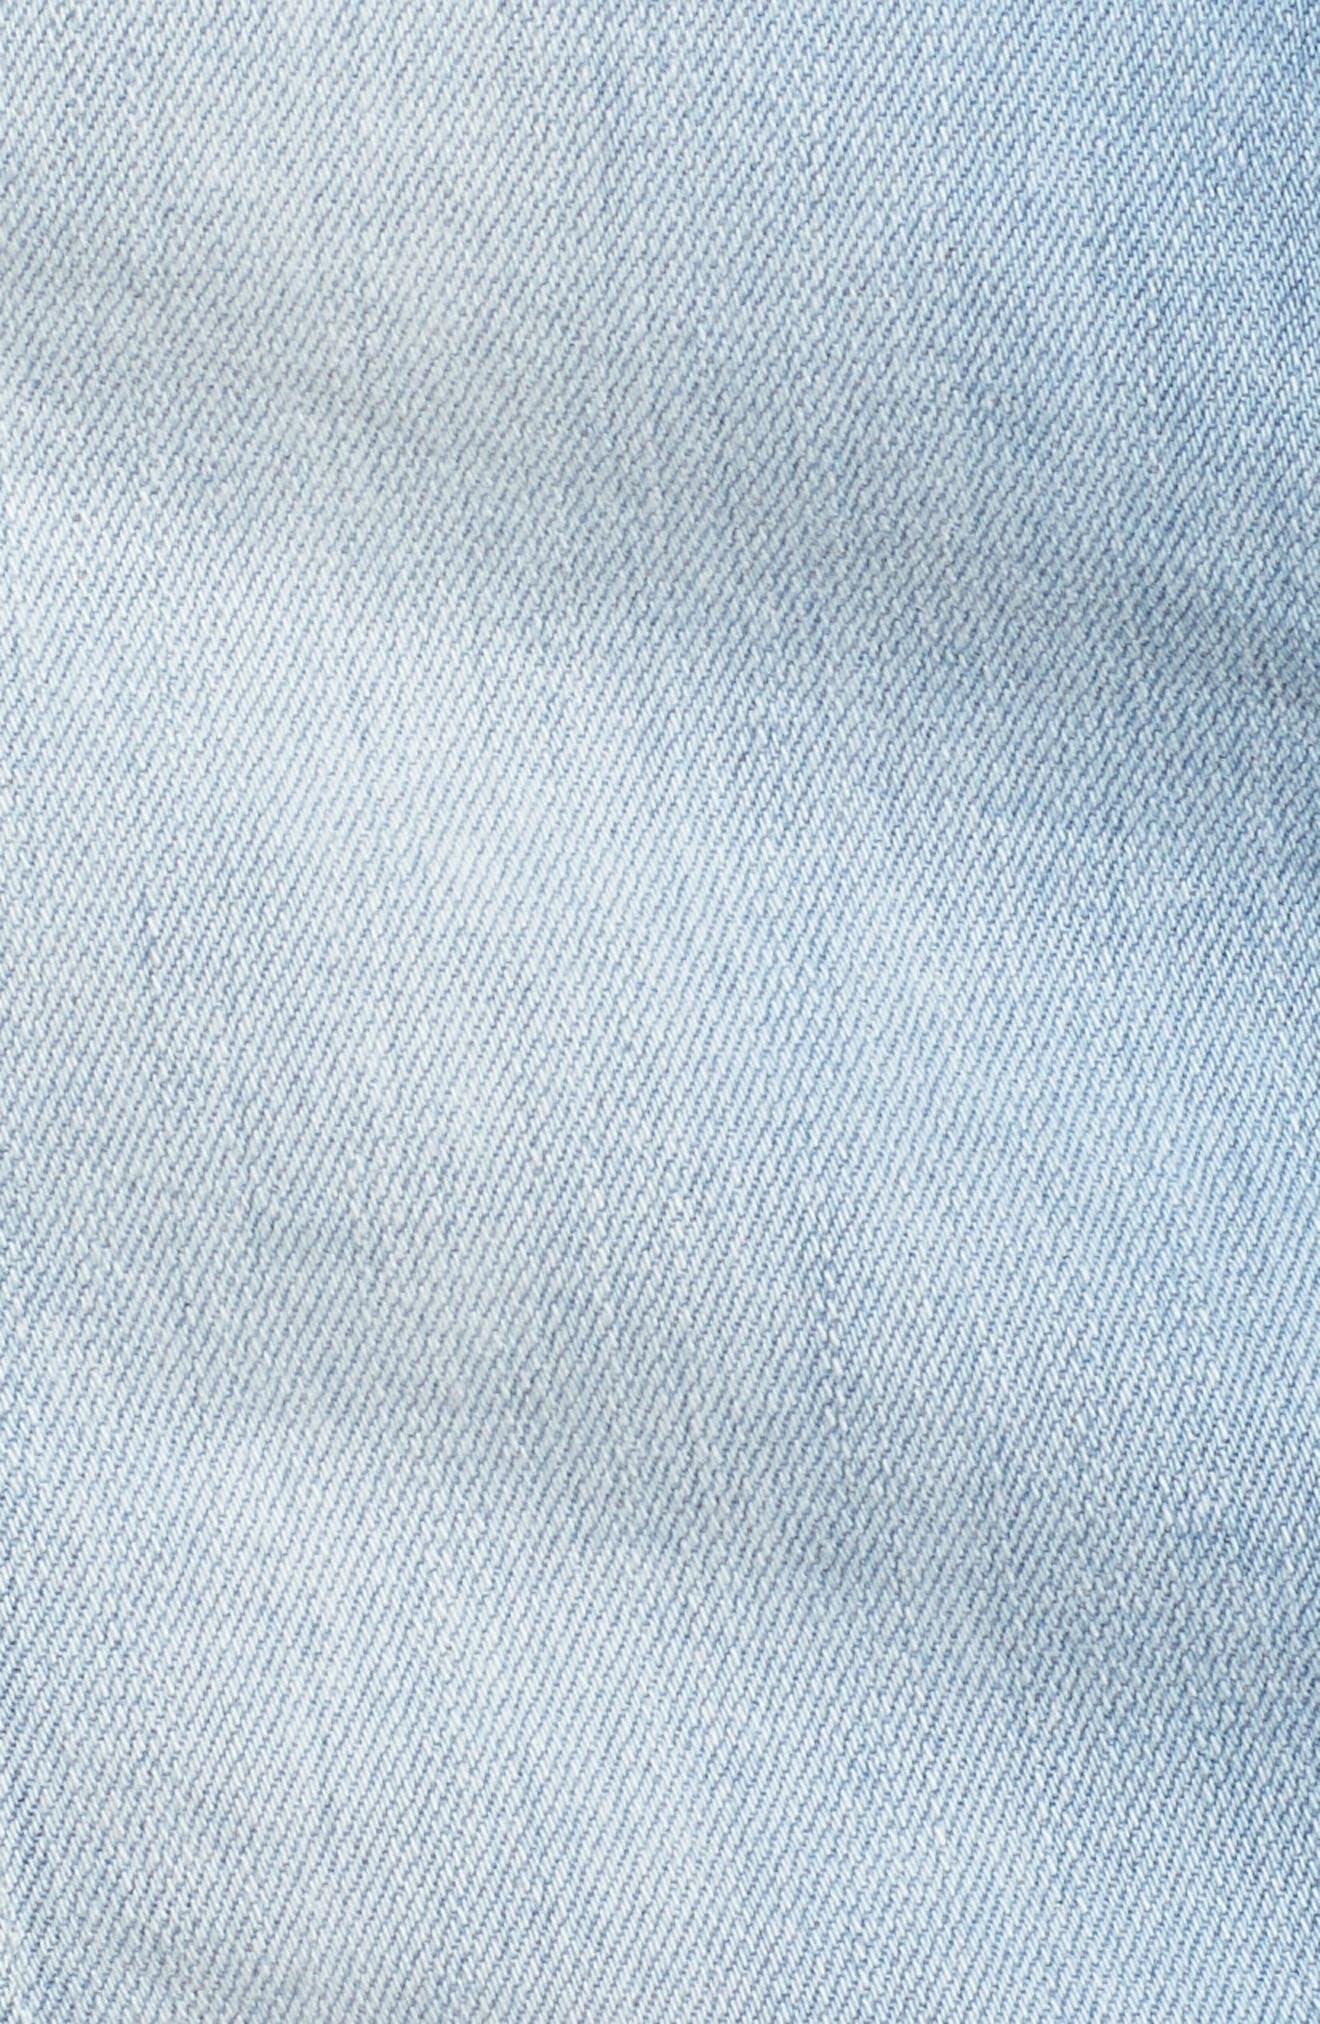 The Mini Distressed Seams Denim Miniskirt,                             Alternate thumbnail 6, color,                             401